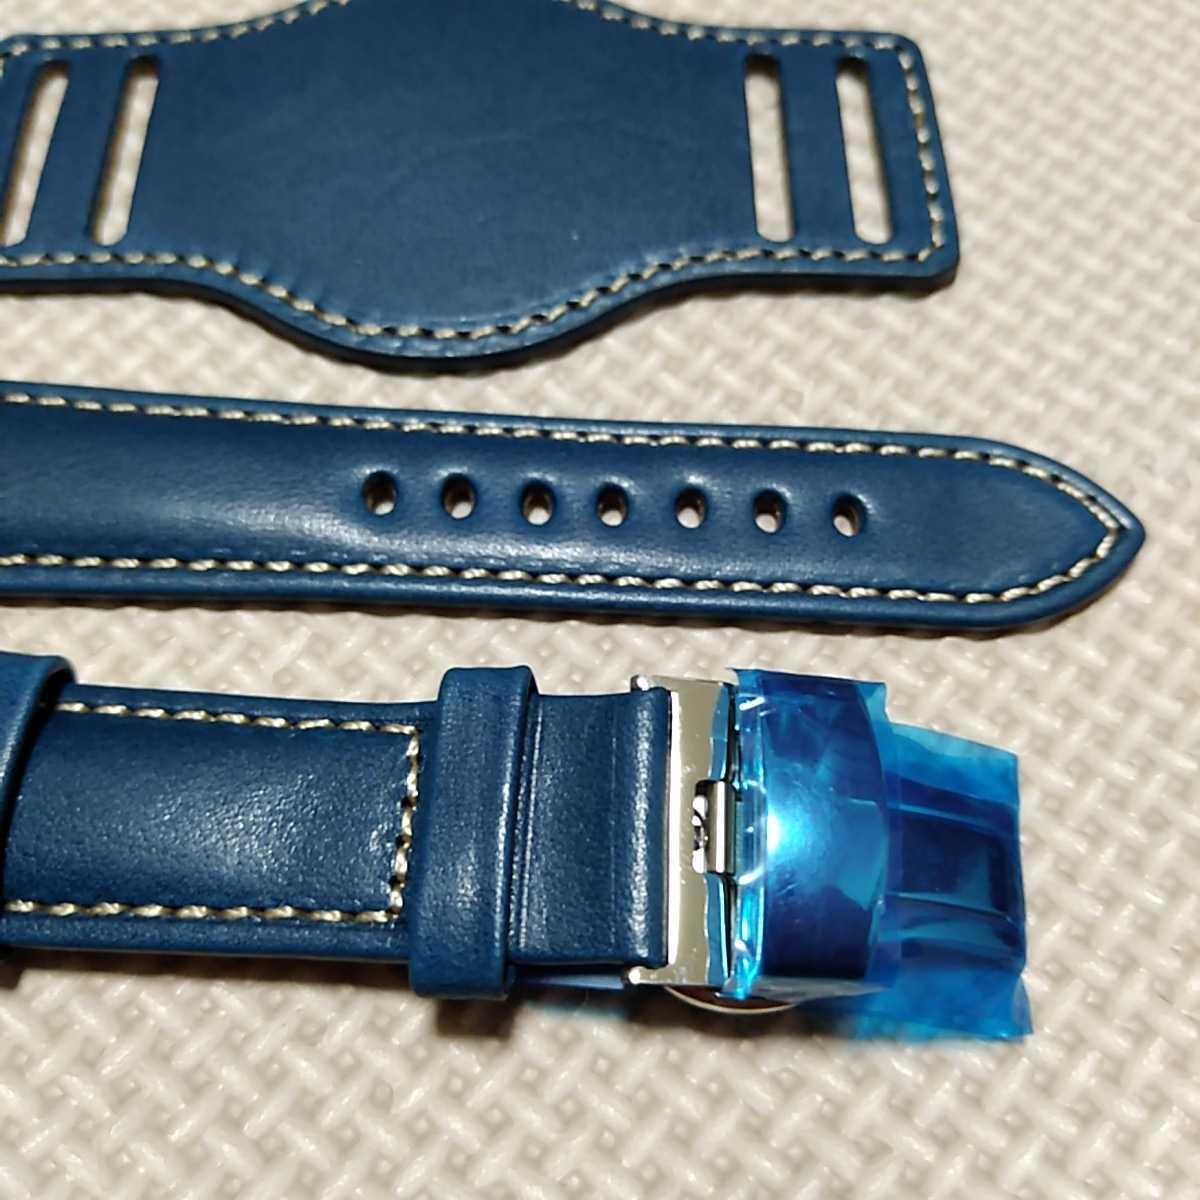 No70 ブンド BUND 本革レザーベルト 腕時計ベルト 交換用ストラップ ブルー 21mm 未使用 Dバックル 高品質 ドイツパイロット 空軍_画像3